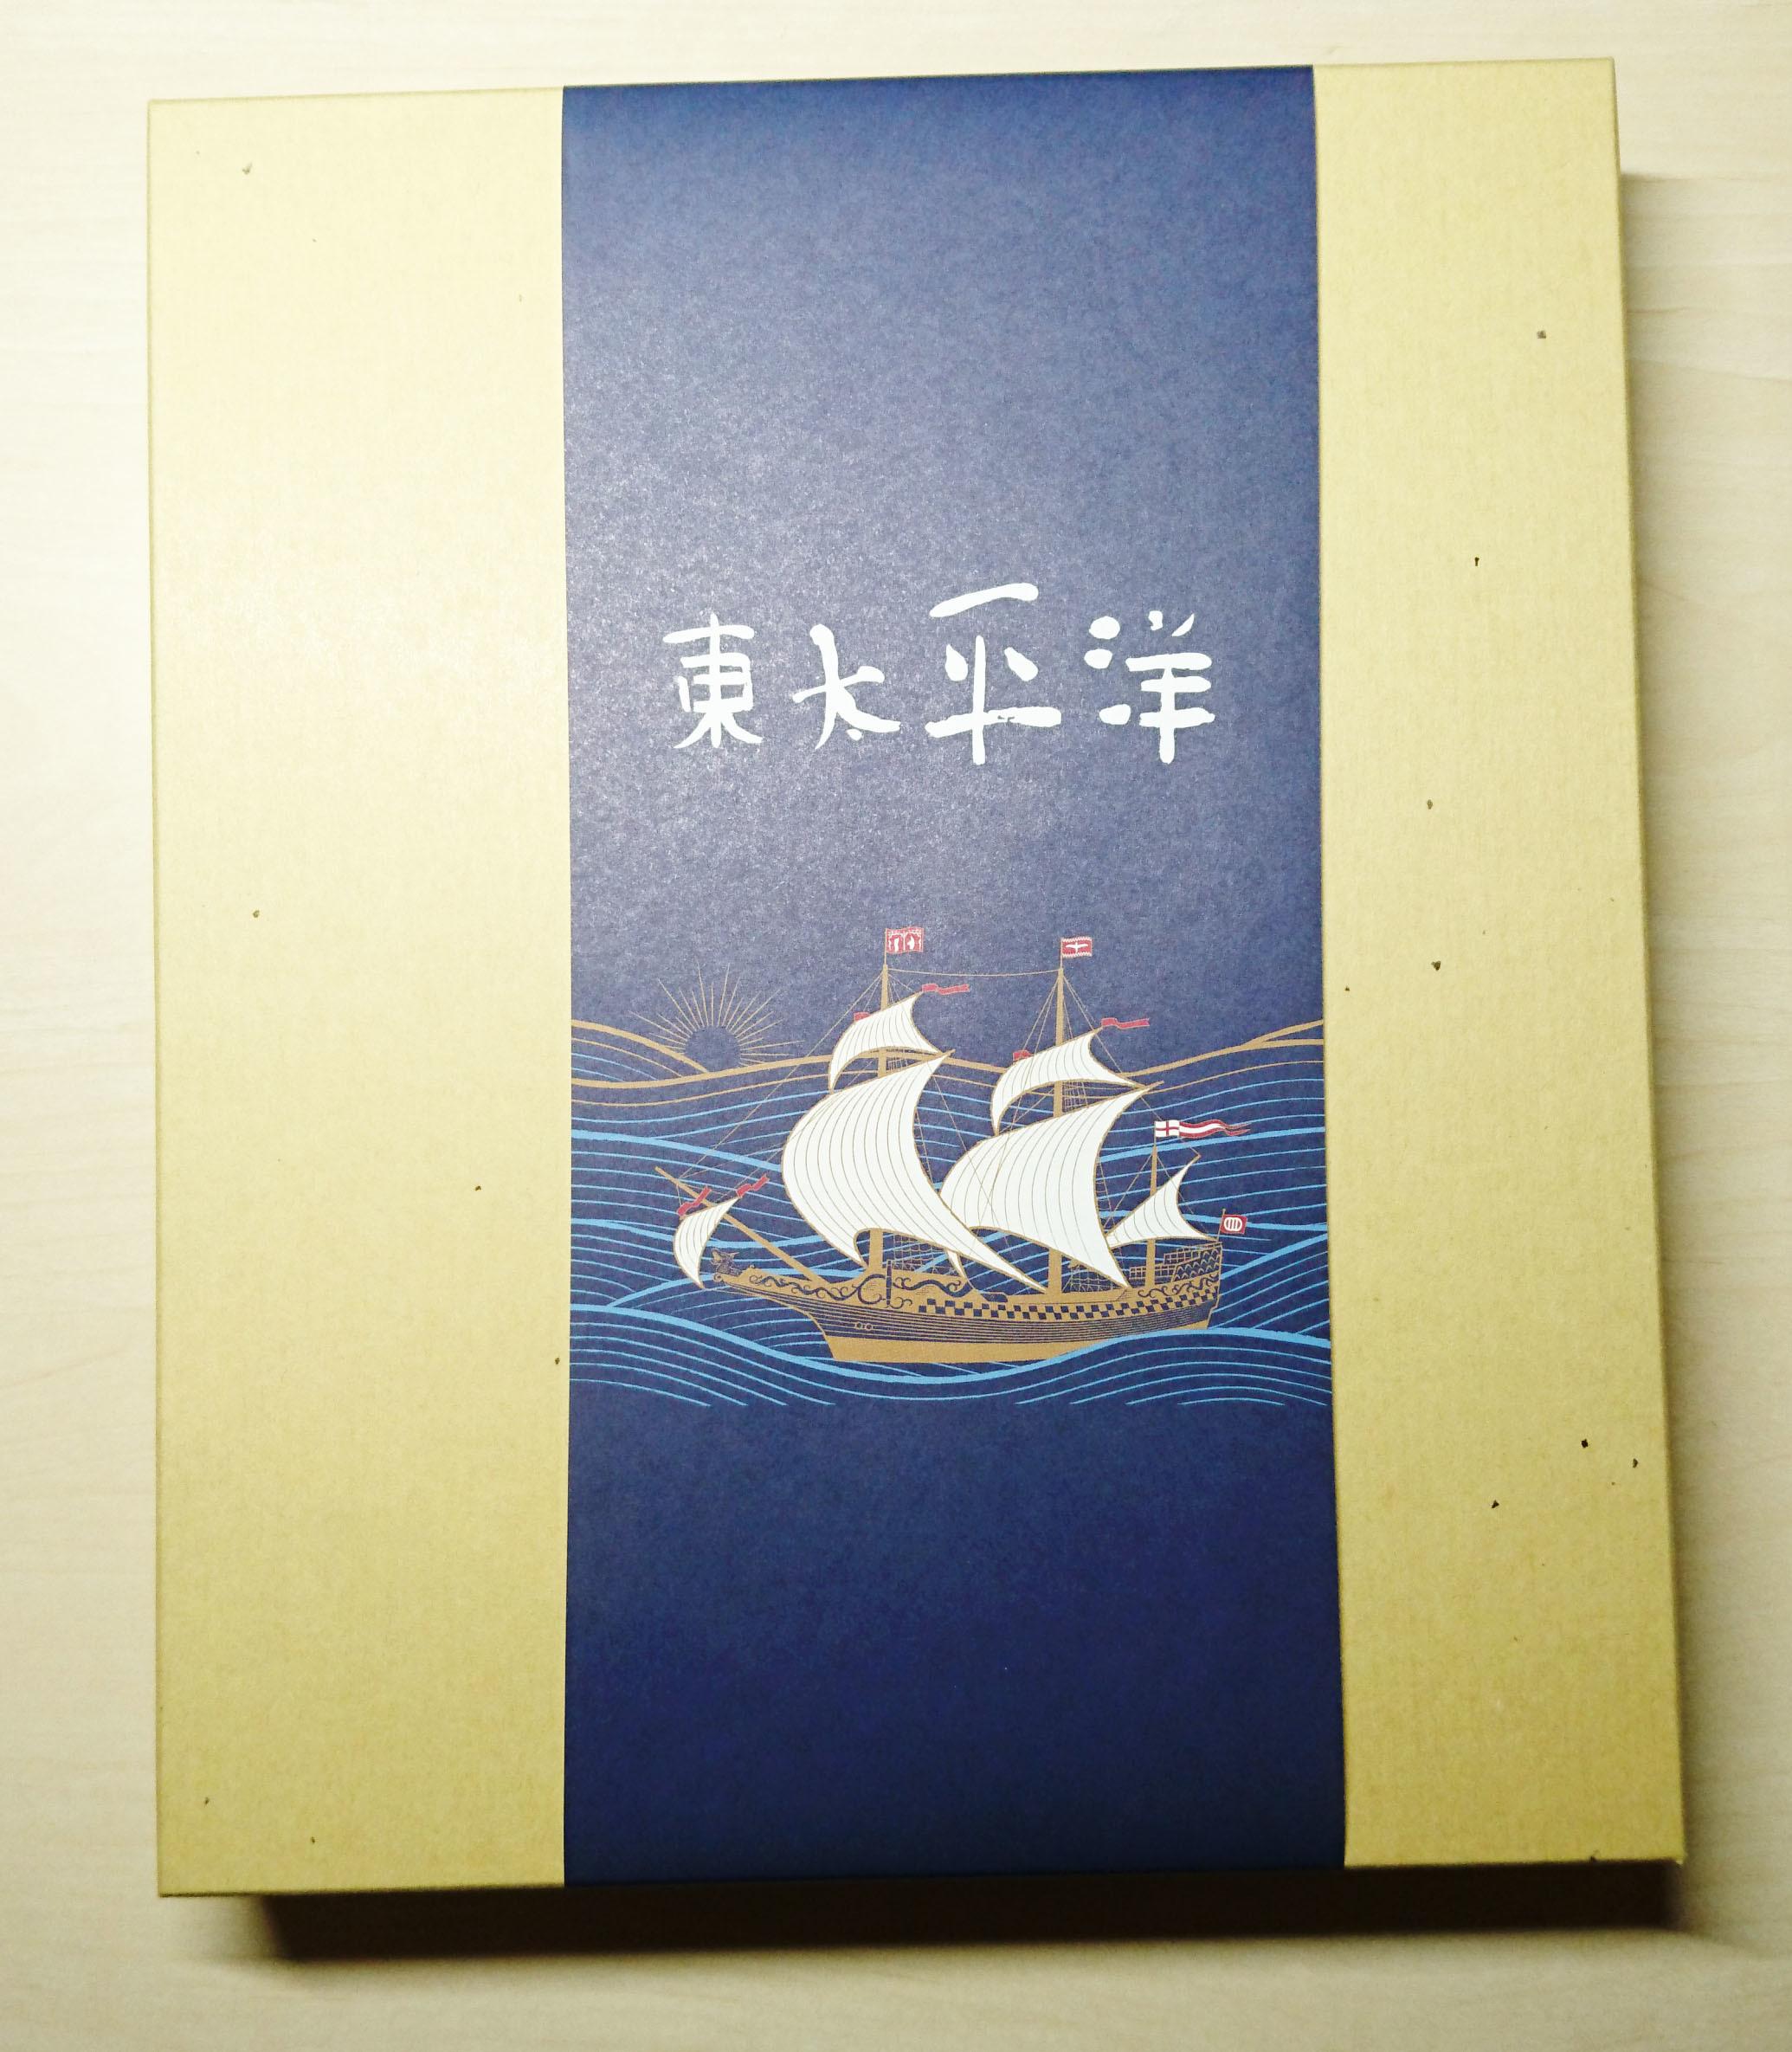 DSC_1056のコピー